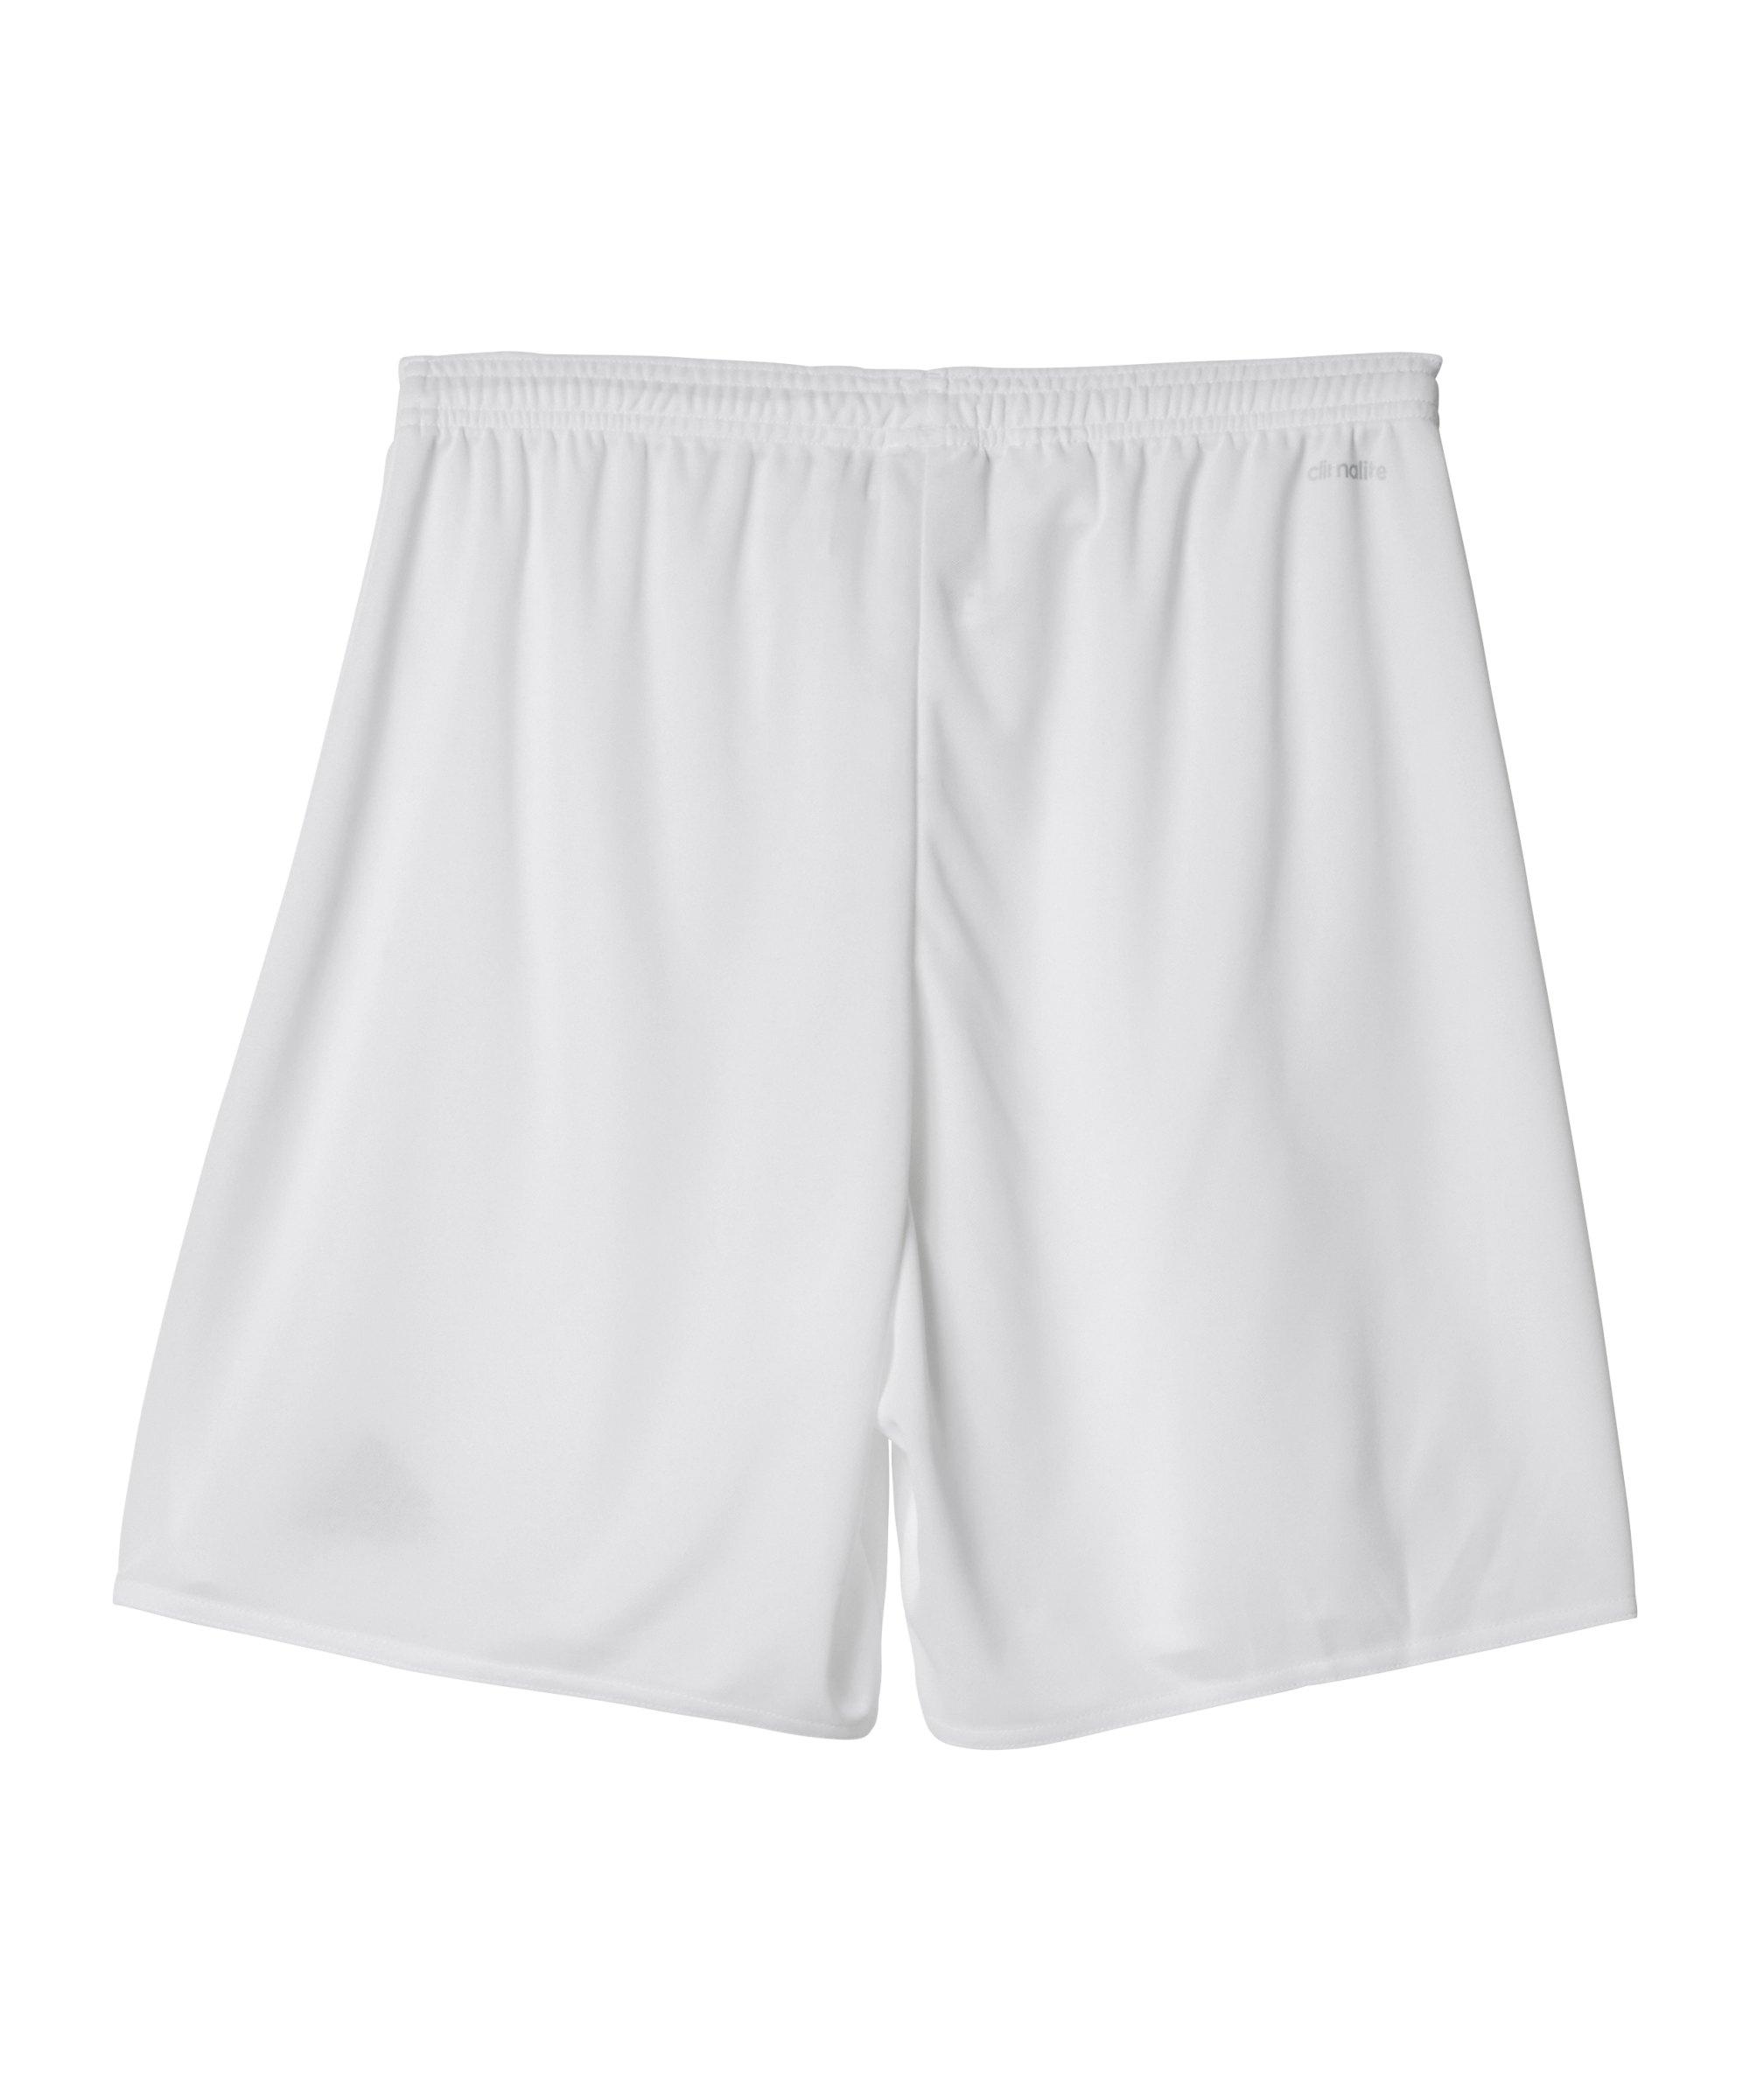 adidas Parma 16 Short ohne Innenslip Kids Weiss   Kinder   Children ... d26c2554d9